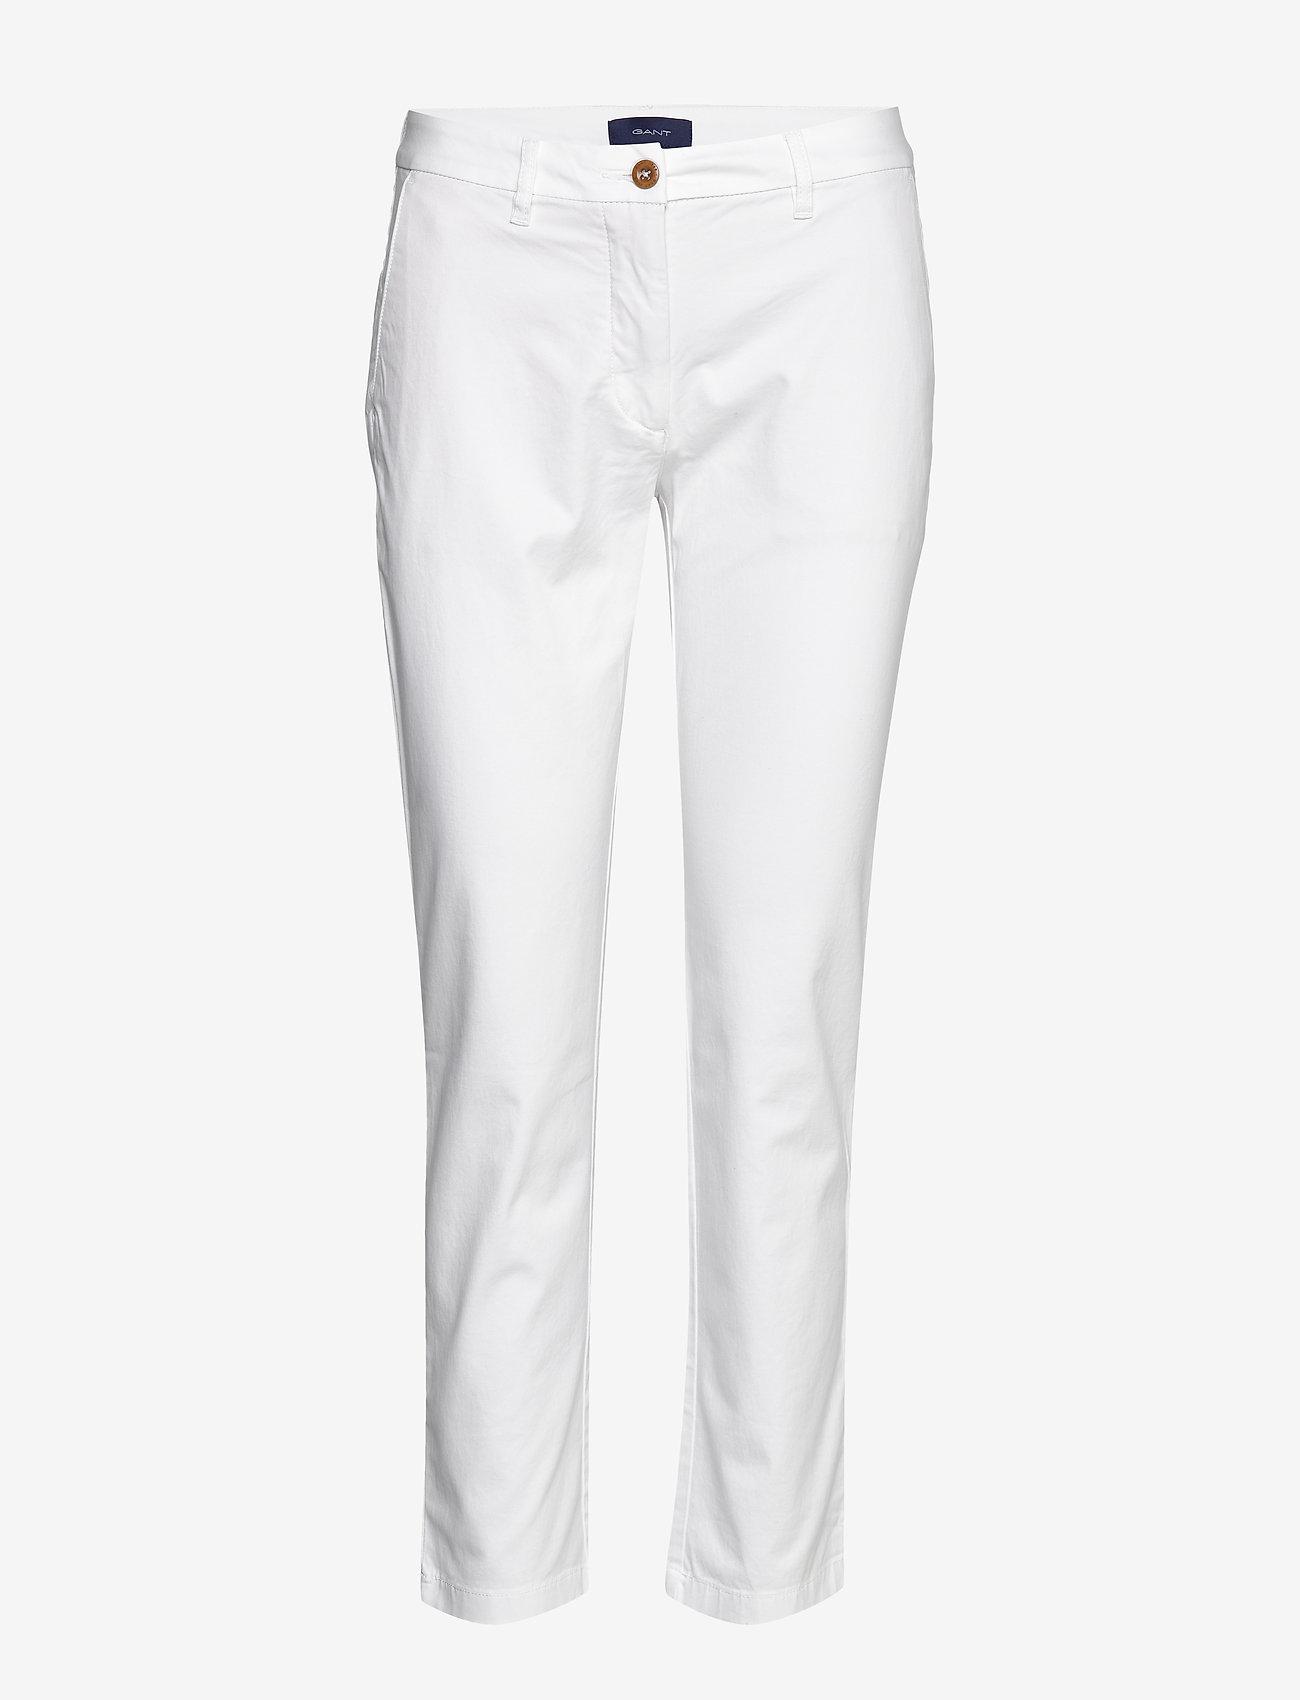 Gant - CLASSIC CHINO - raka byxor - white